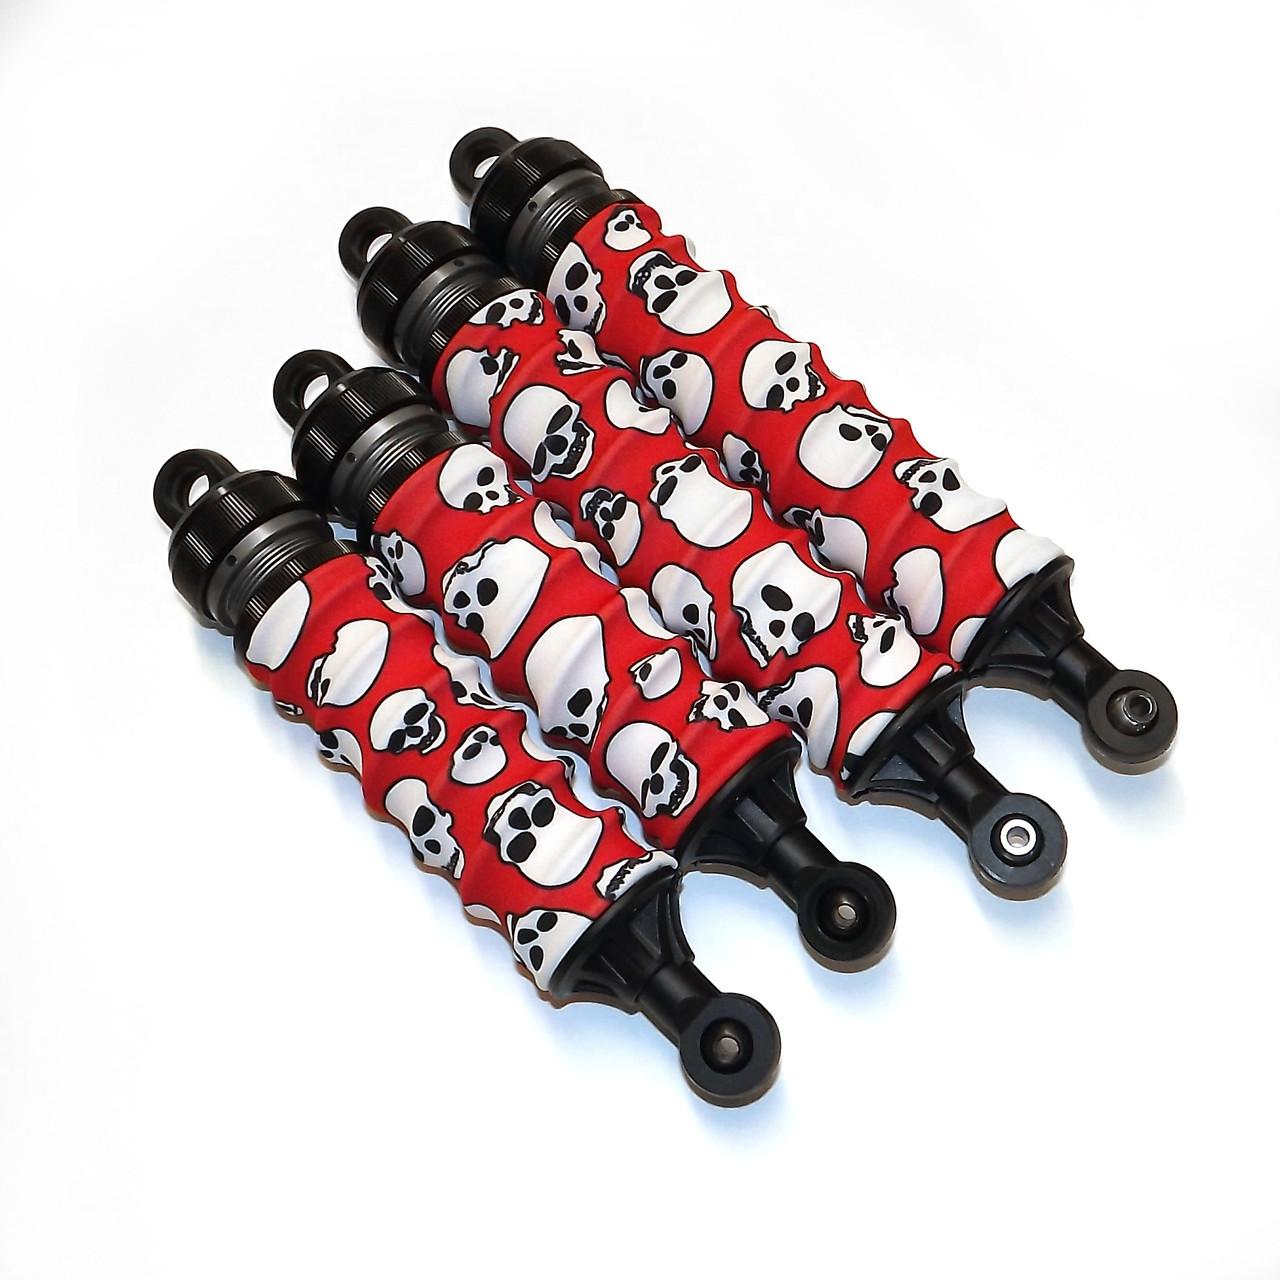 Kraken Vekta Red Skull Shock boots mounted on a set of stock shocks.